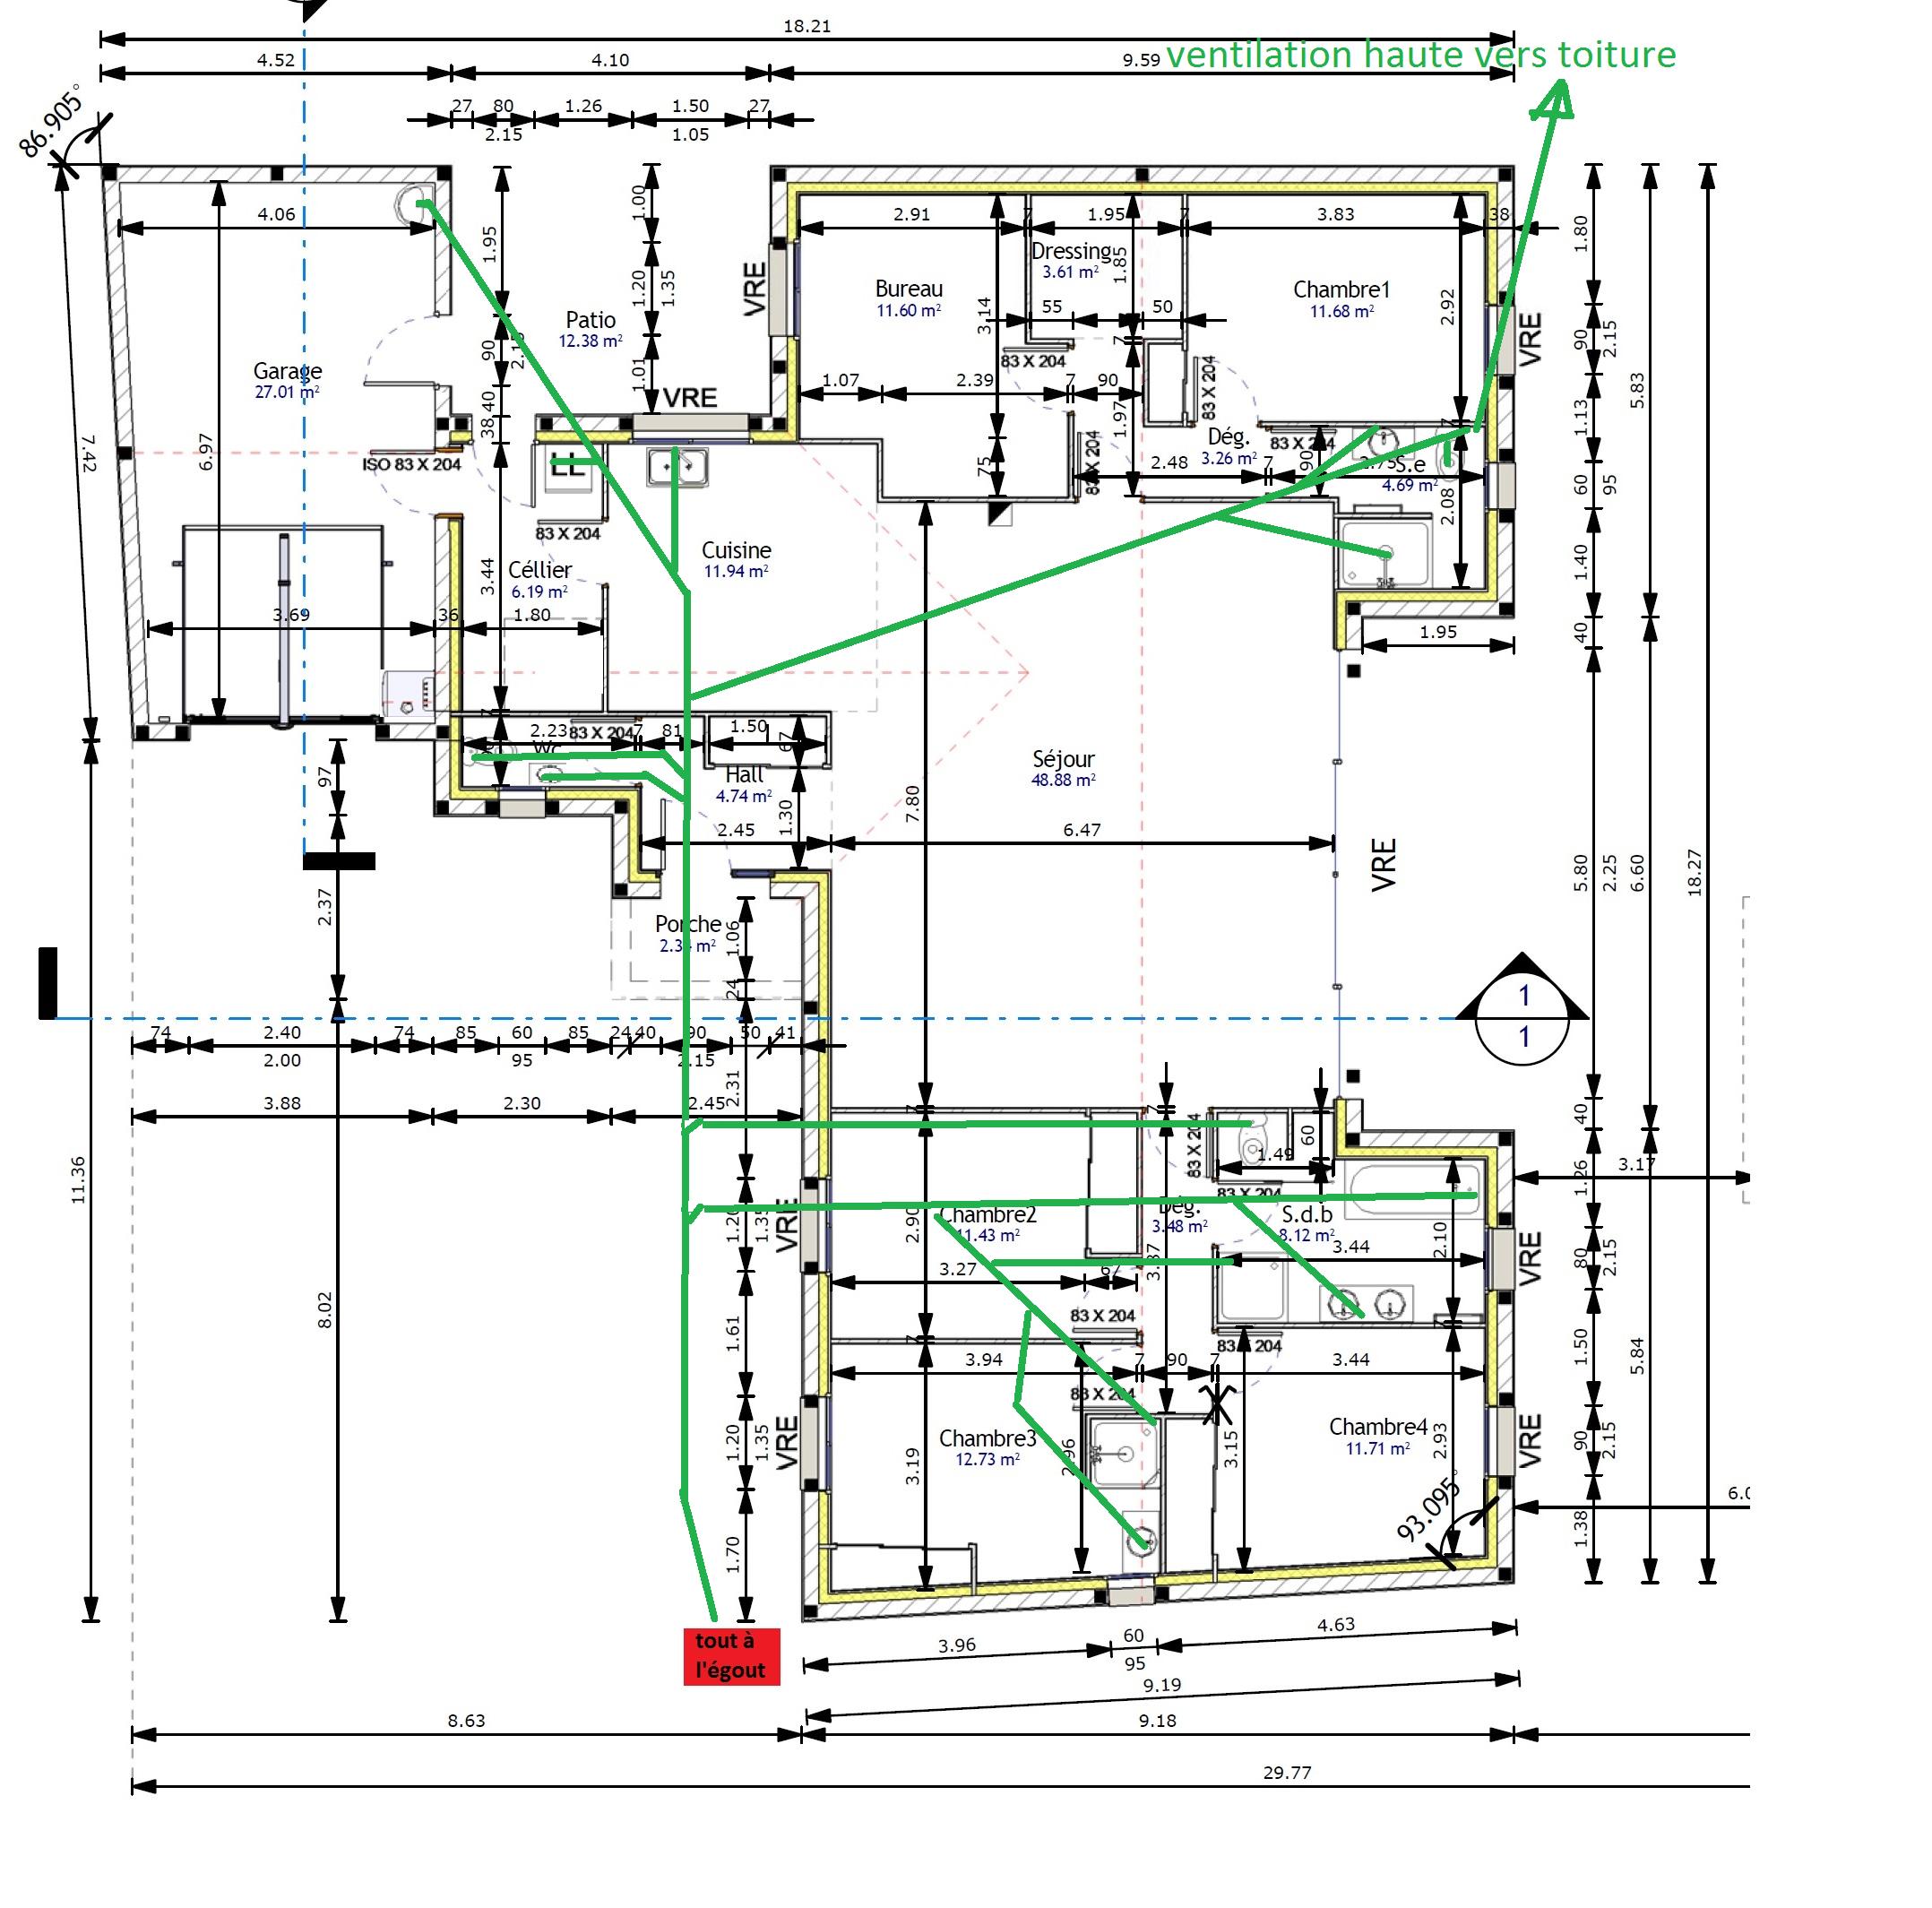 Plan D Evacuation Et Ventilation Page 1 Reseaux D Evacuations Et Ventillation Primaire Secondaire Plombiers Reunis